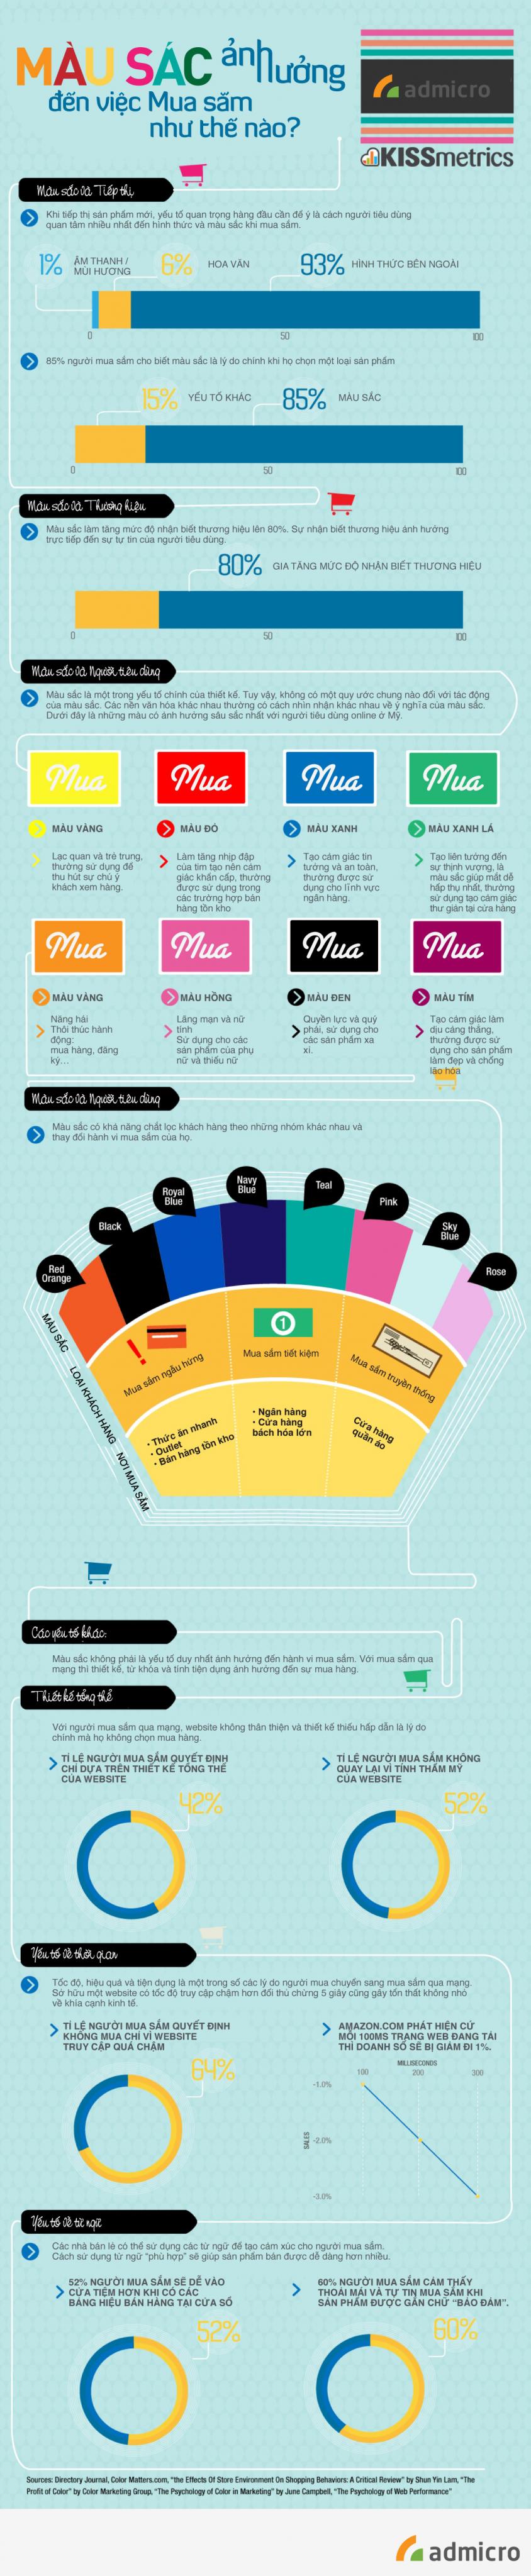 màu sắc ảnh hưởng đến hành vi mua hàng như thế nào